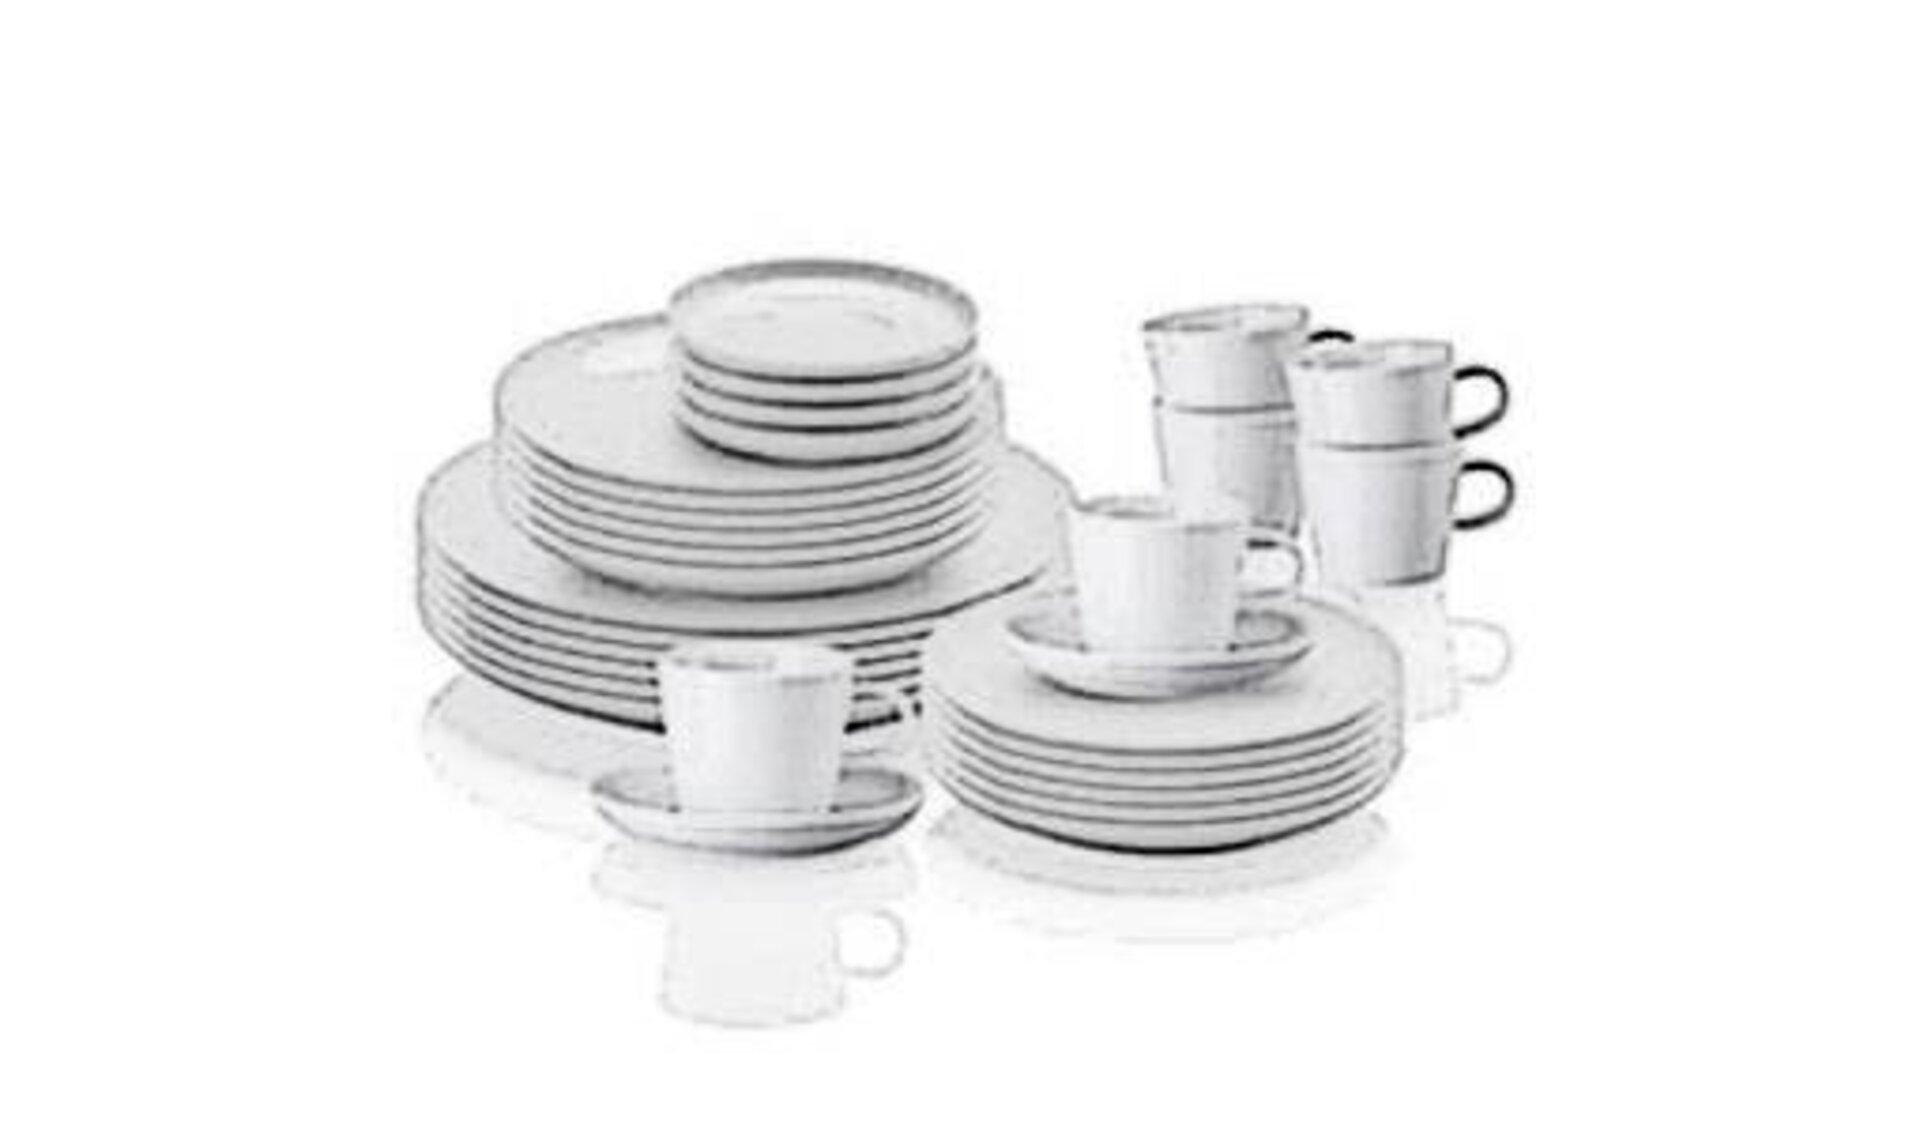 Als Sinnbild für die Kategorie Geschirr zeigt das Bild ein umfangreiches, weißes Geschirrset aus Tellern, Tassen, Dessertteller und Suppentellern.